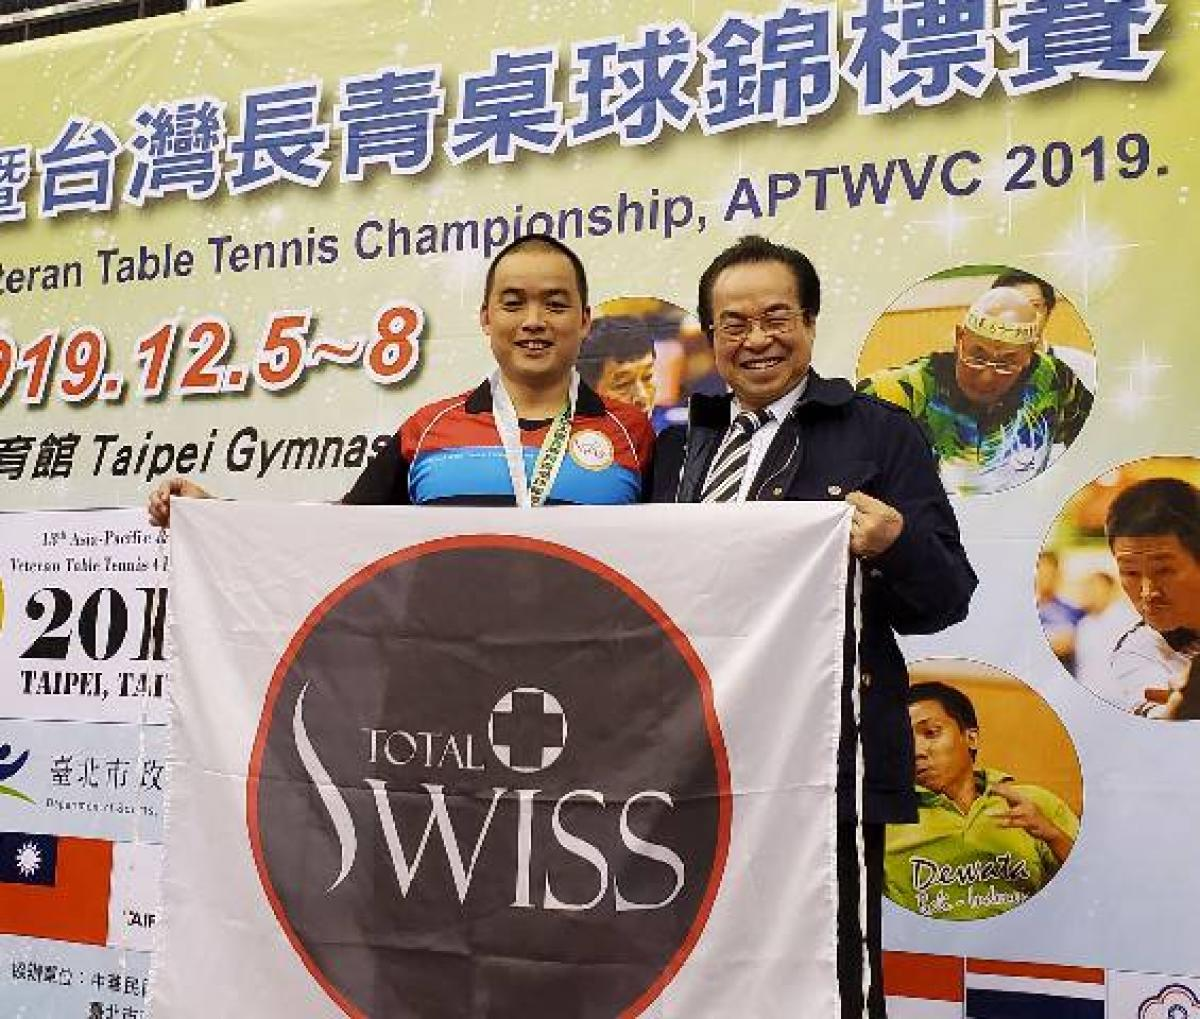 第13屆亞太盃長青桌球賽 Total Swiss 囊括男女團體及單打四個冠軍7面獎牌圖細胞營養之6